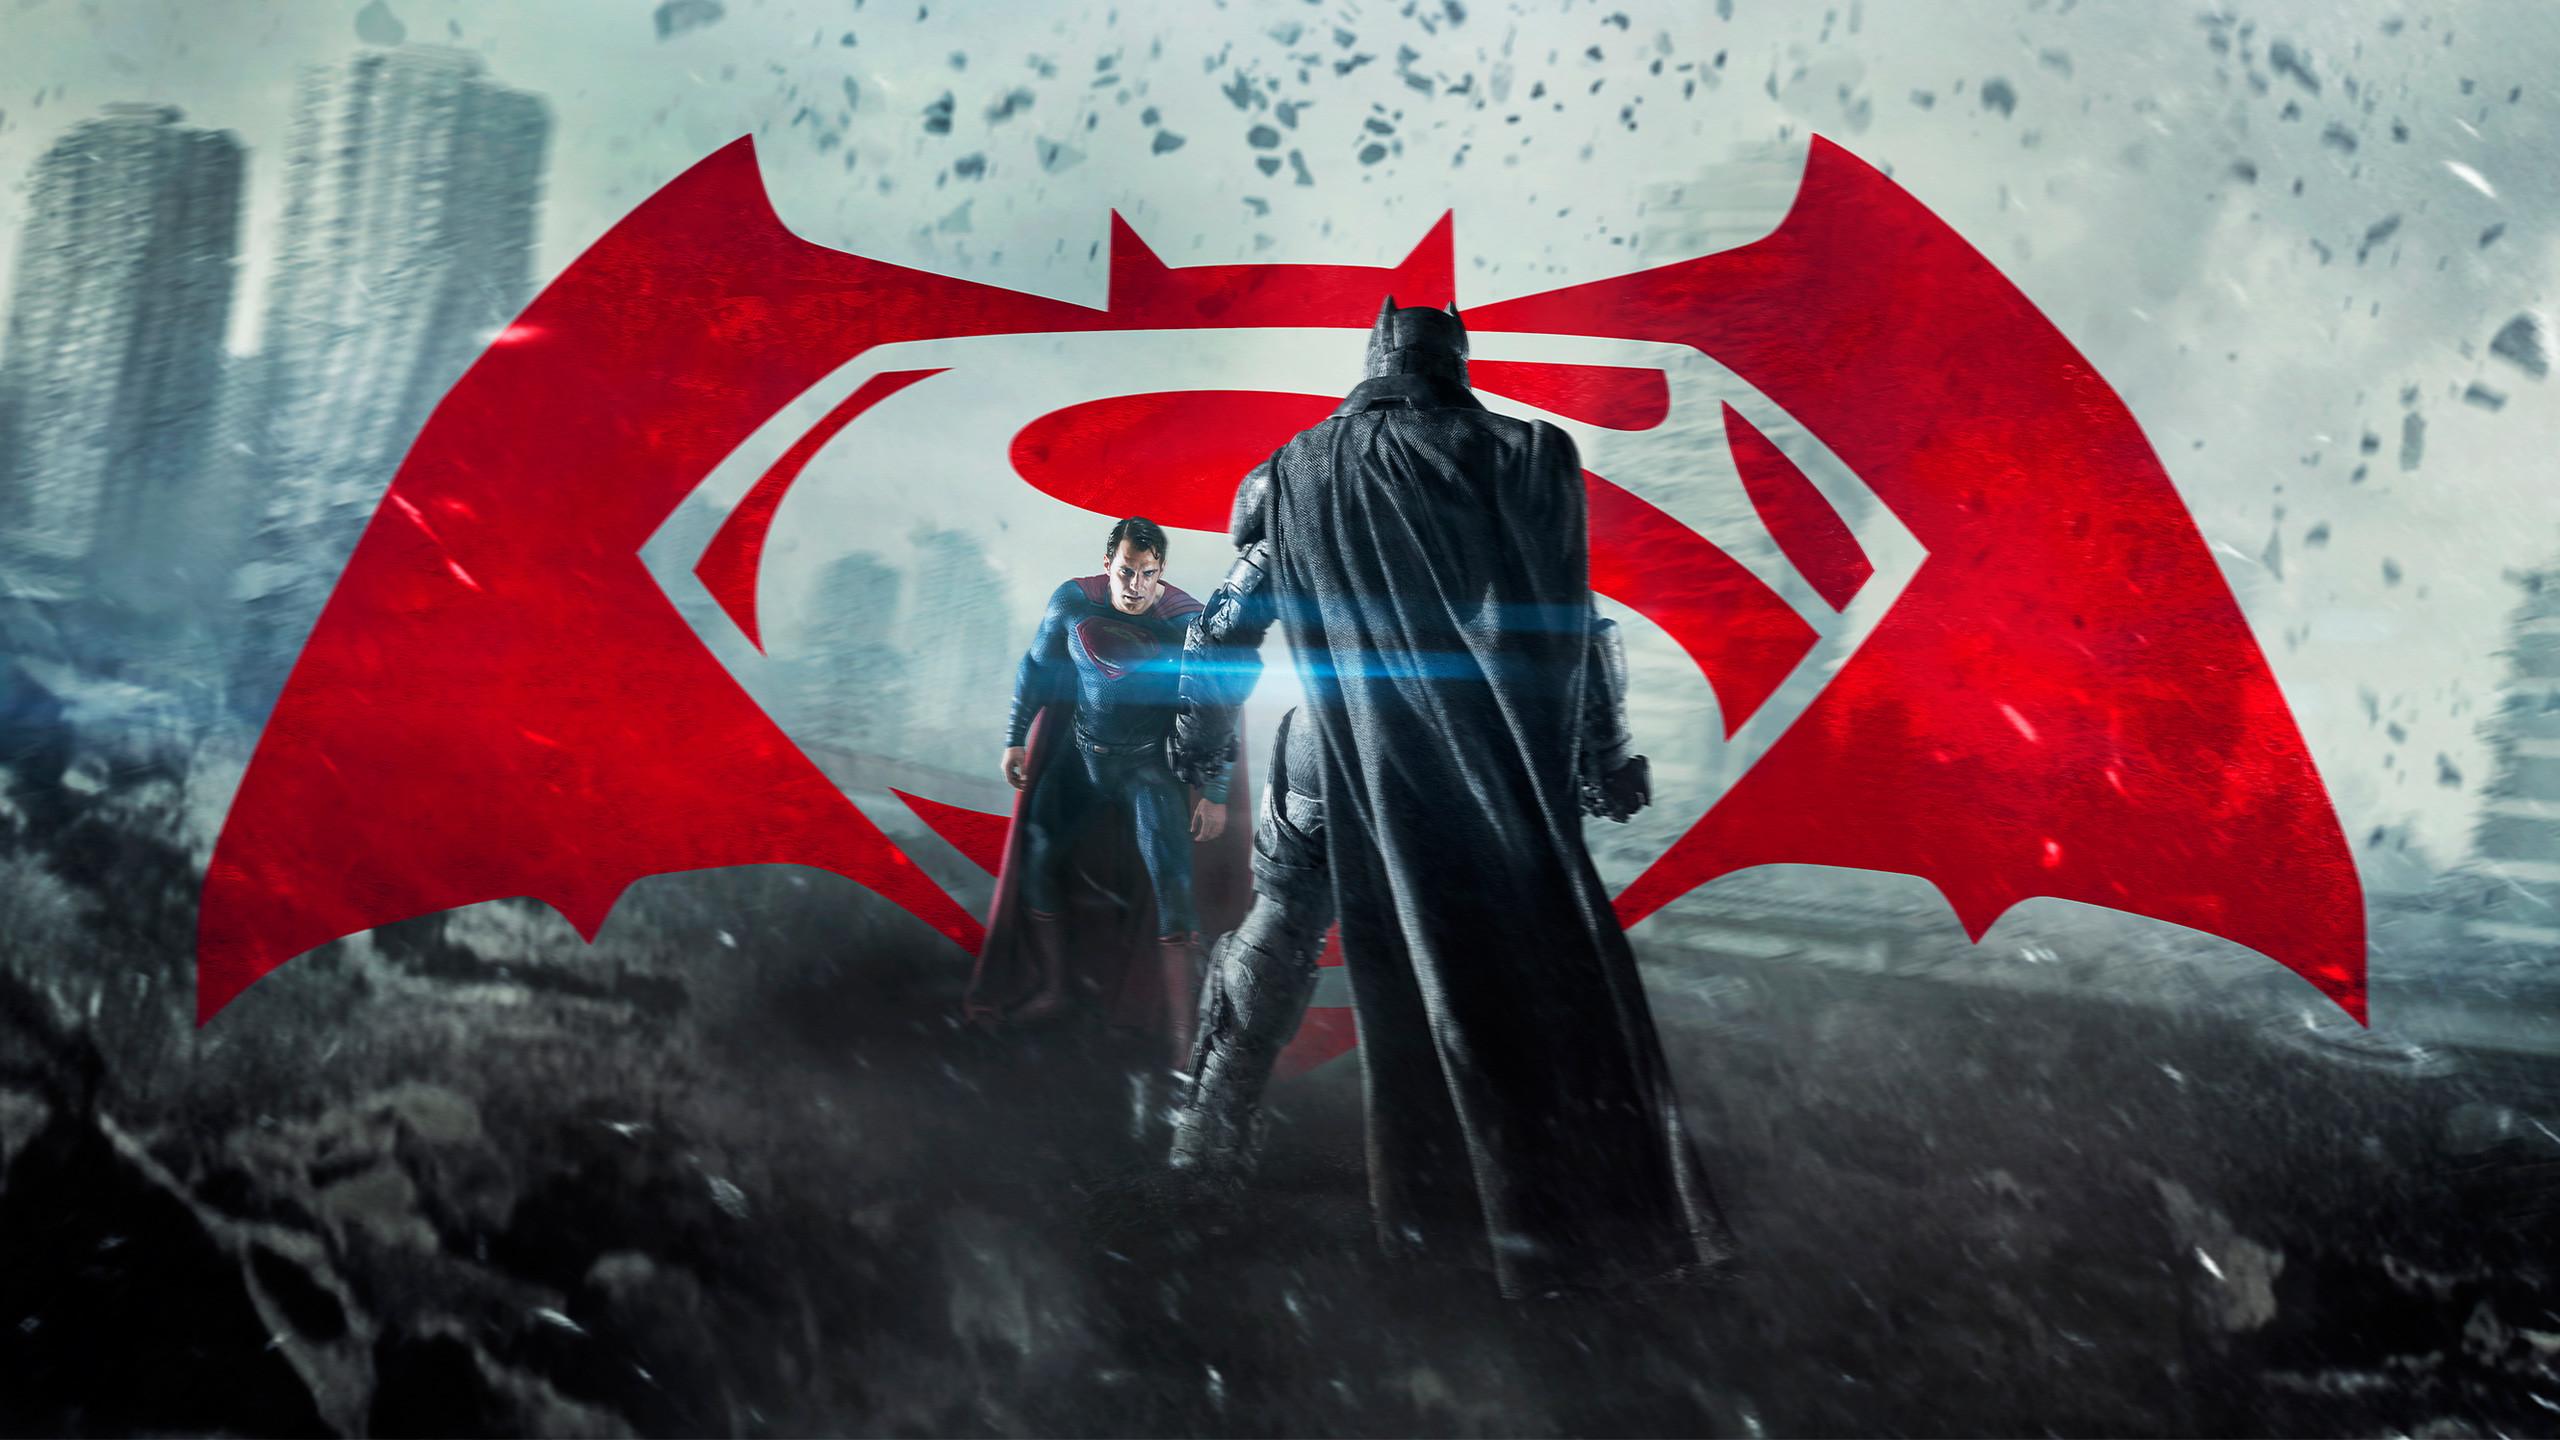 4k Batman Wallpaper 48 Images